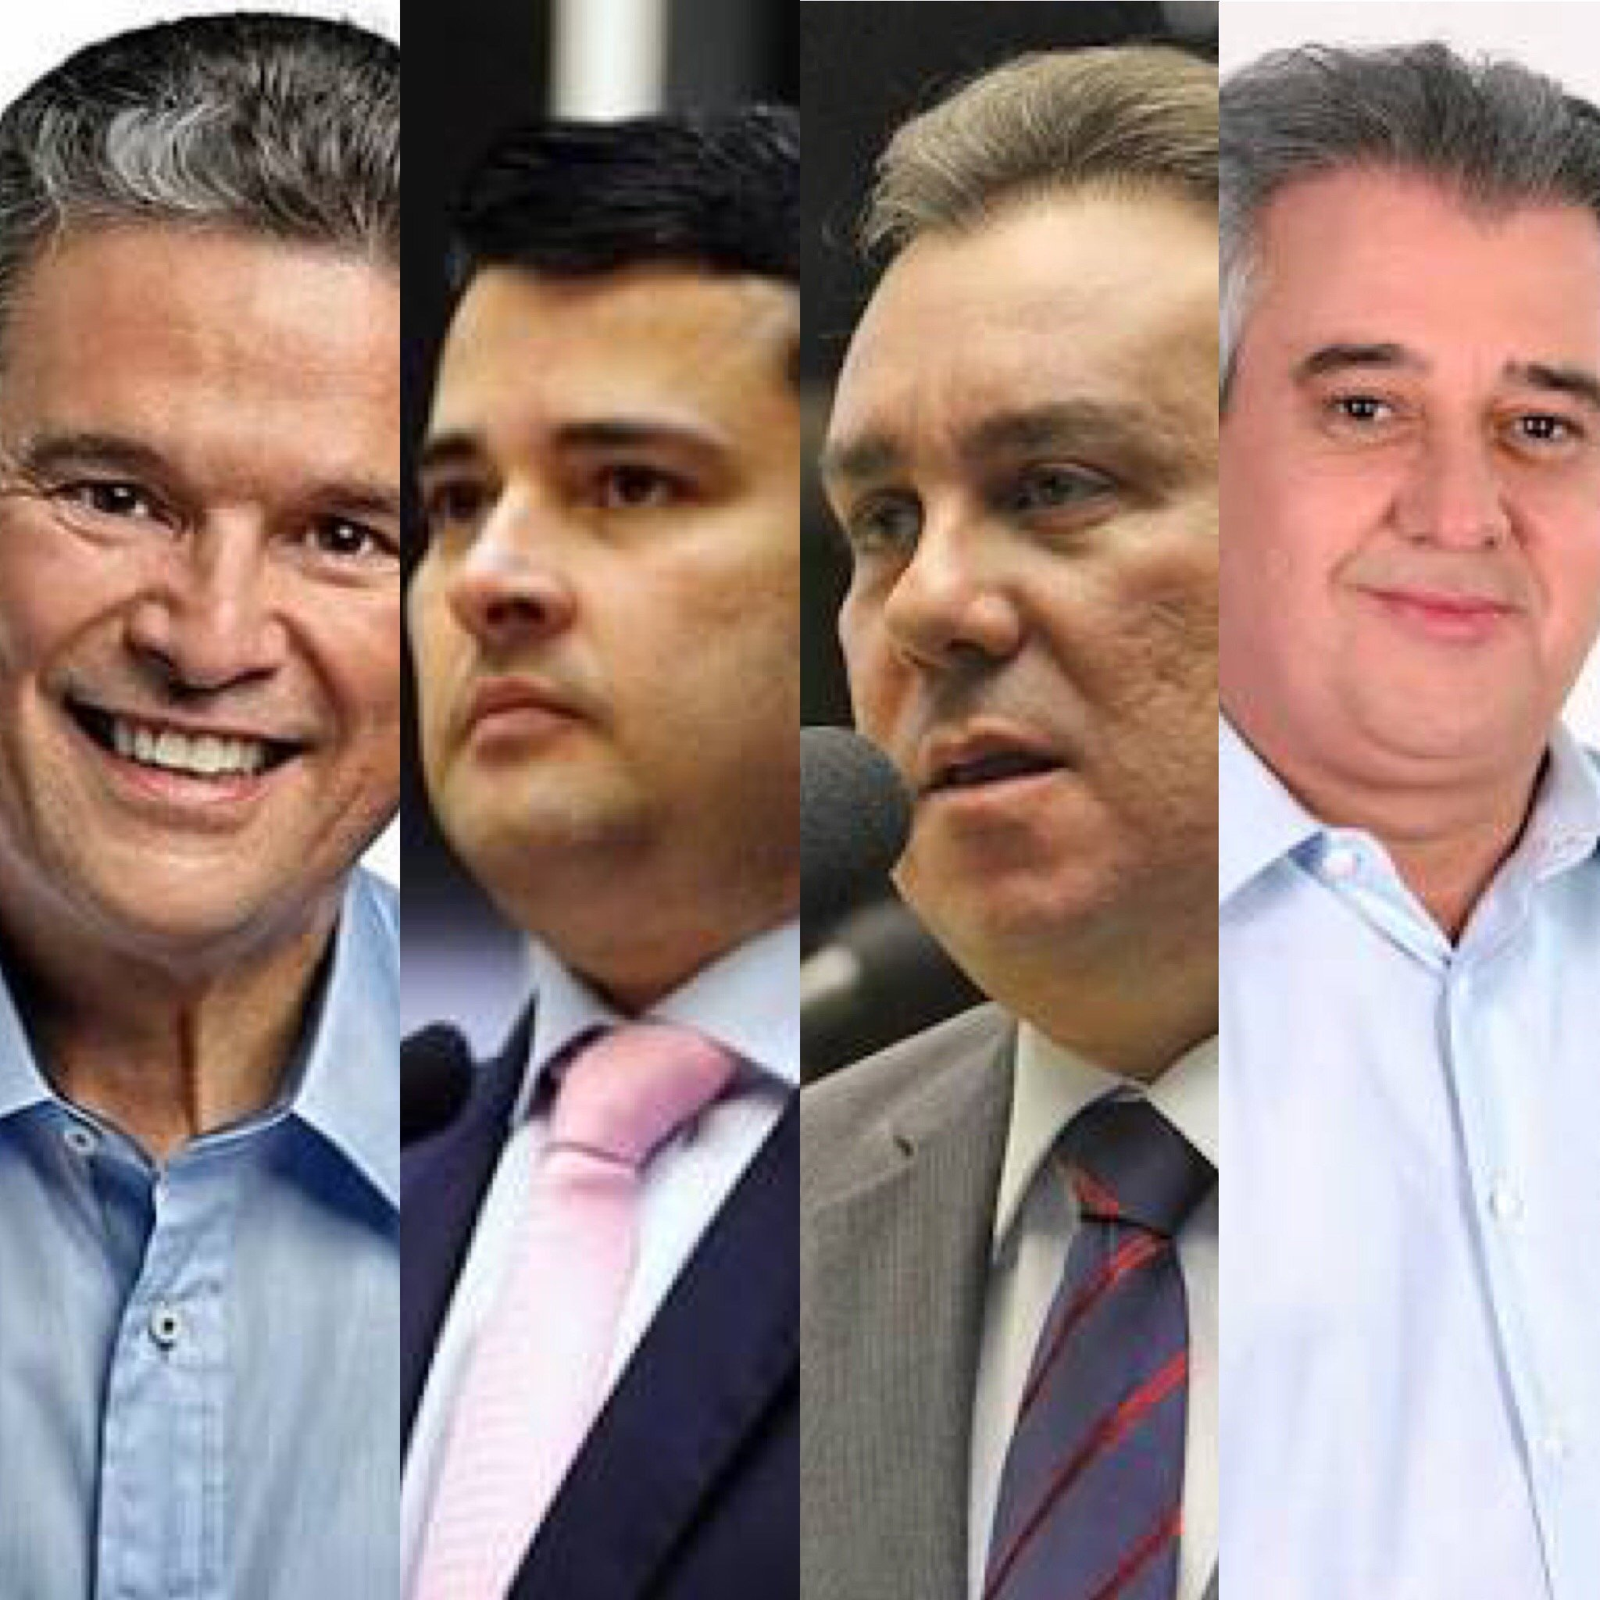 Política em Dia (24/08) – Novas lideranças que se projetam – Por Marcelo Velez